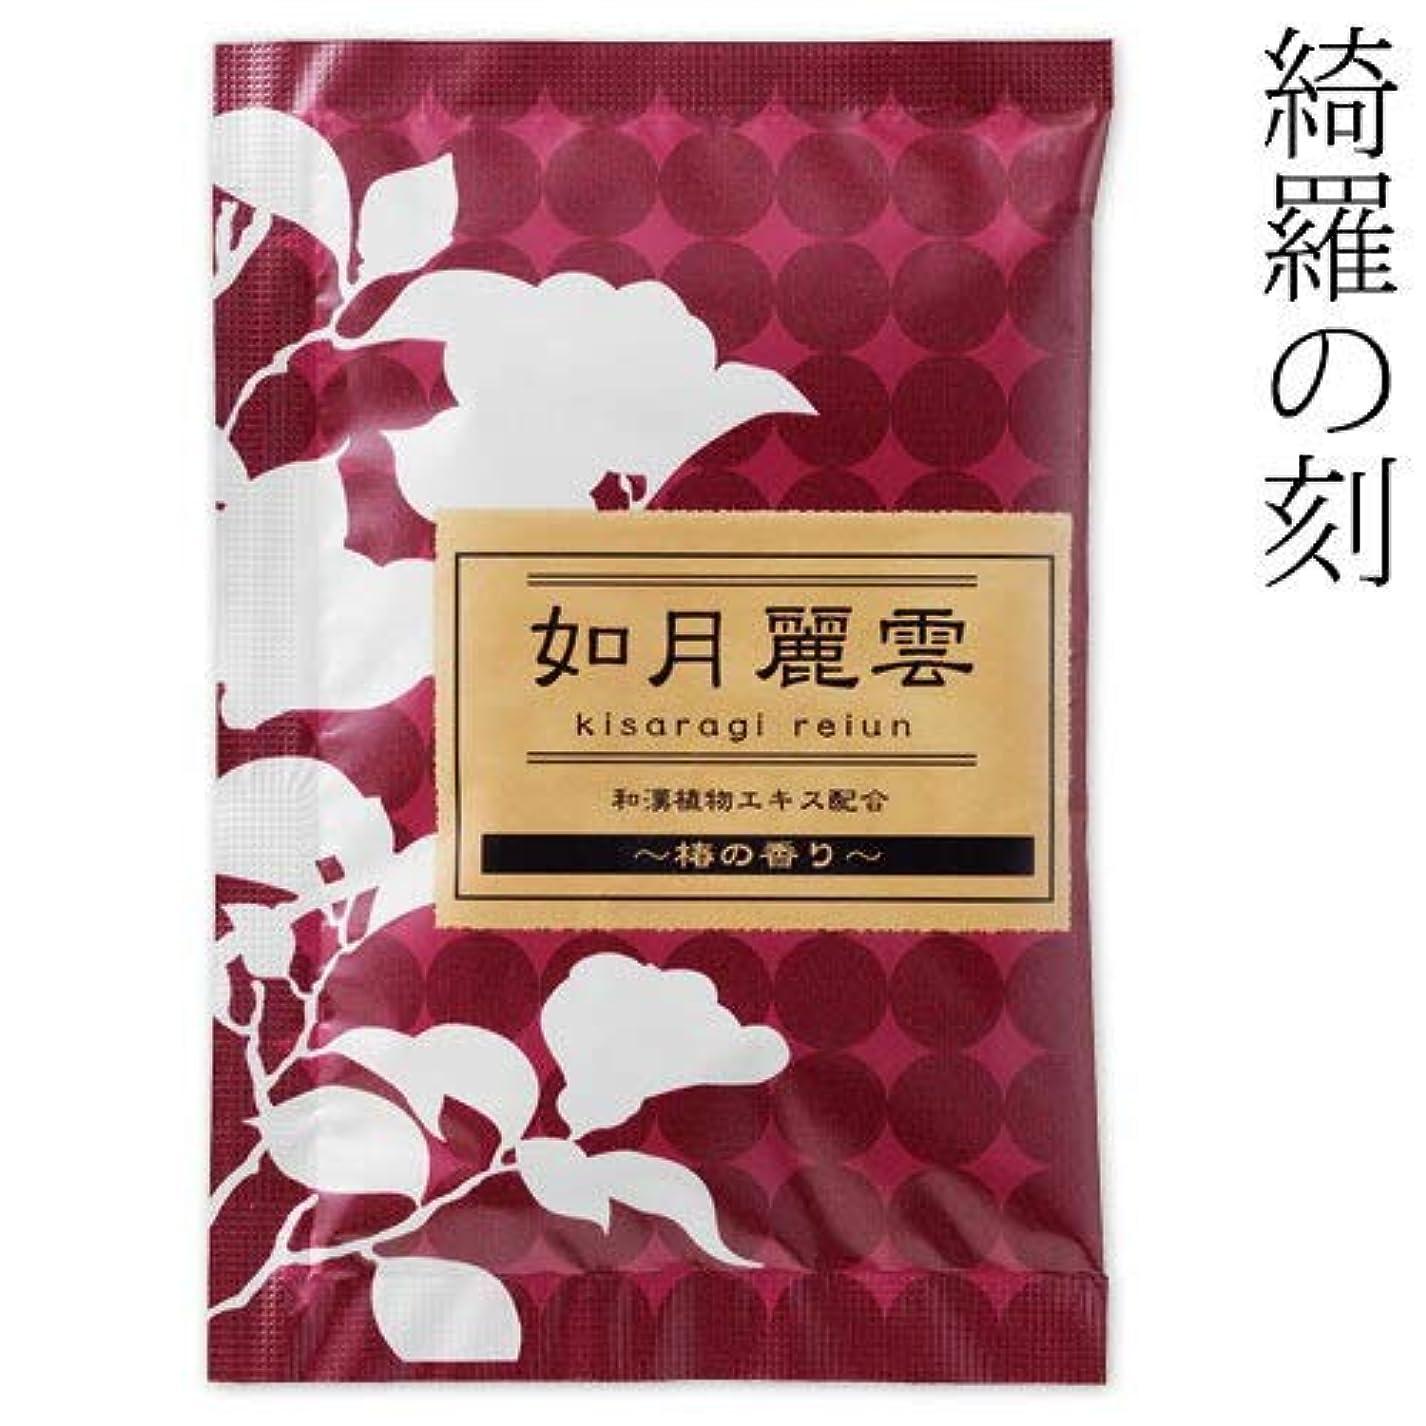 土砂降り収束町入浴剤綺羅の刻椿の香り如月麗雲1包石川県のお風呂グッズBath additive, Ishikawa craft